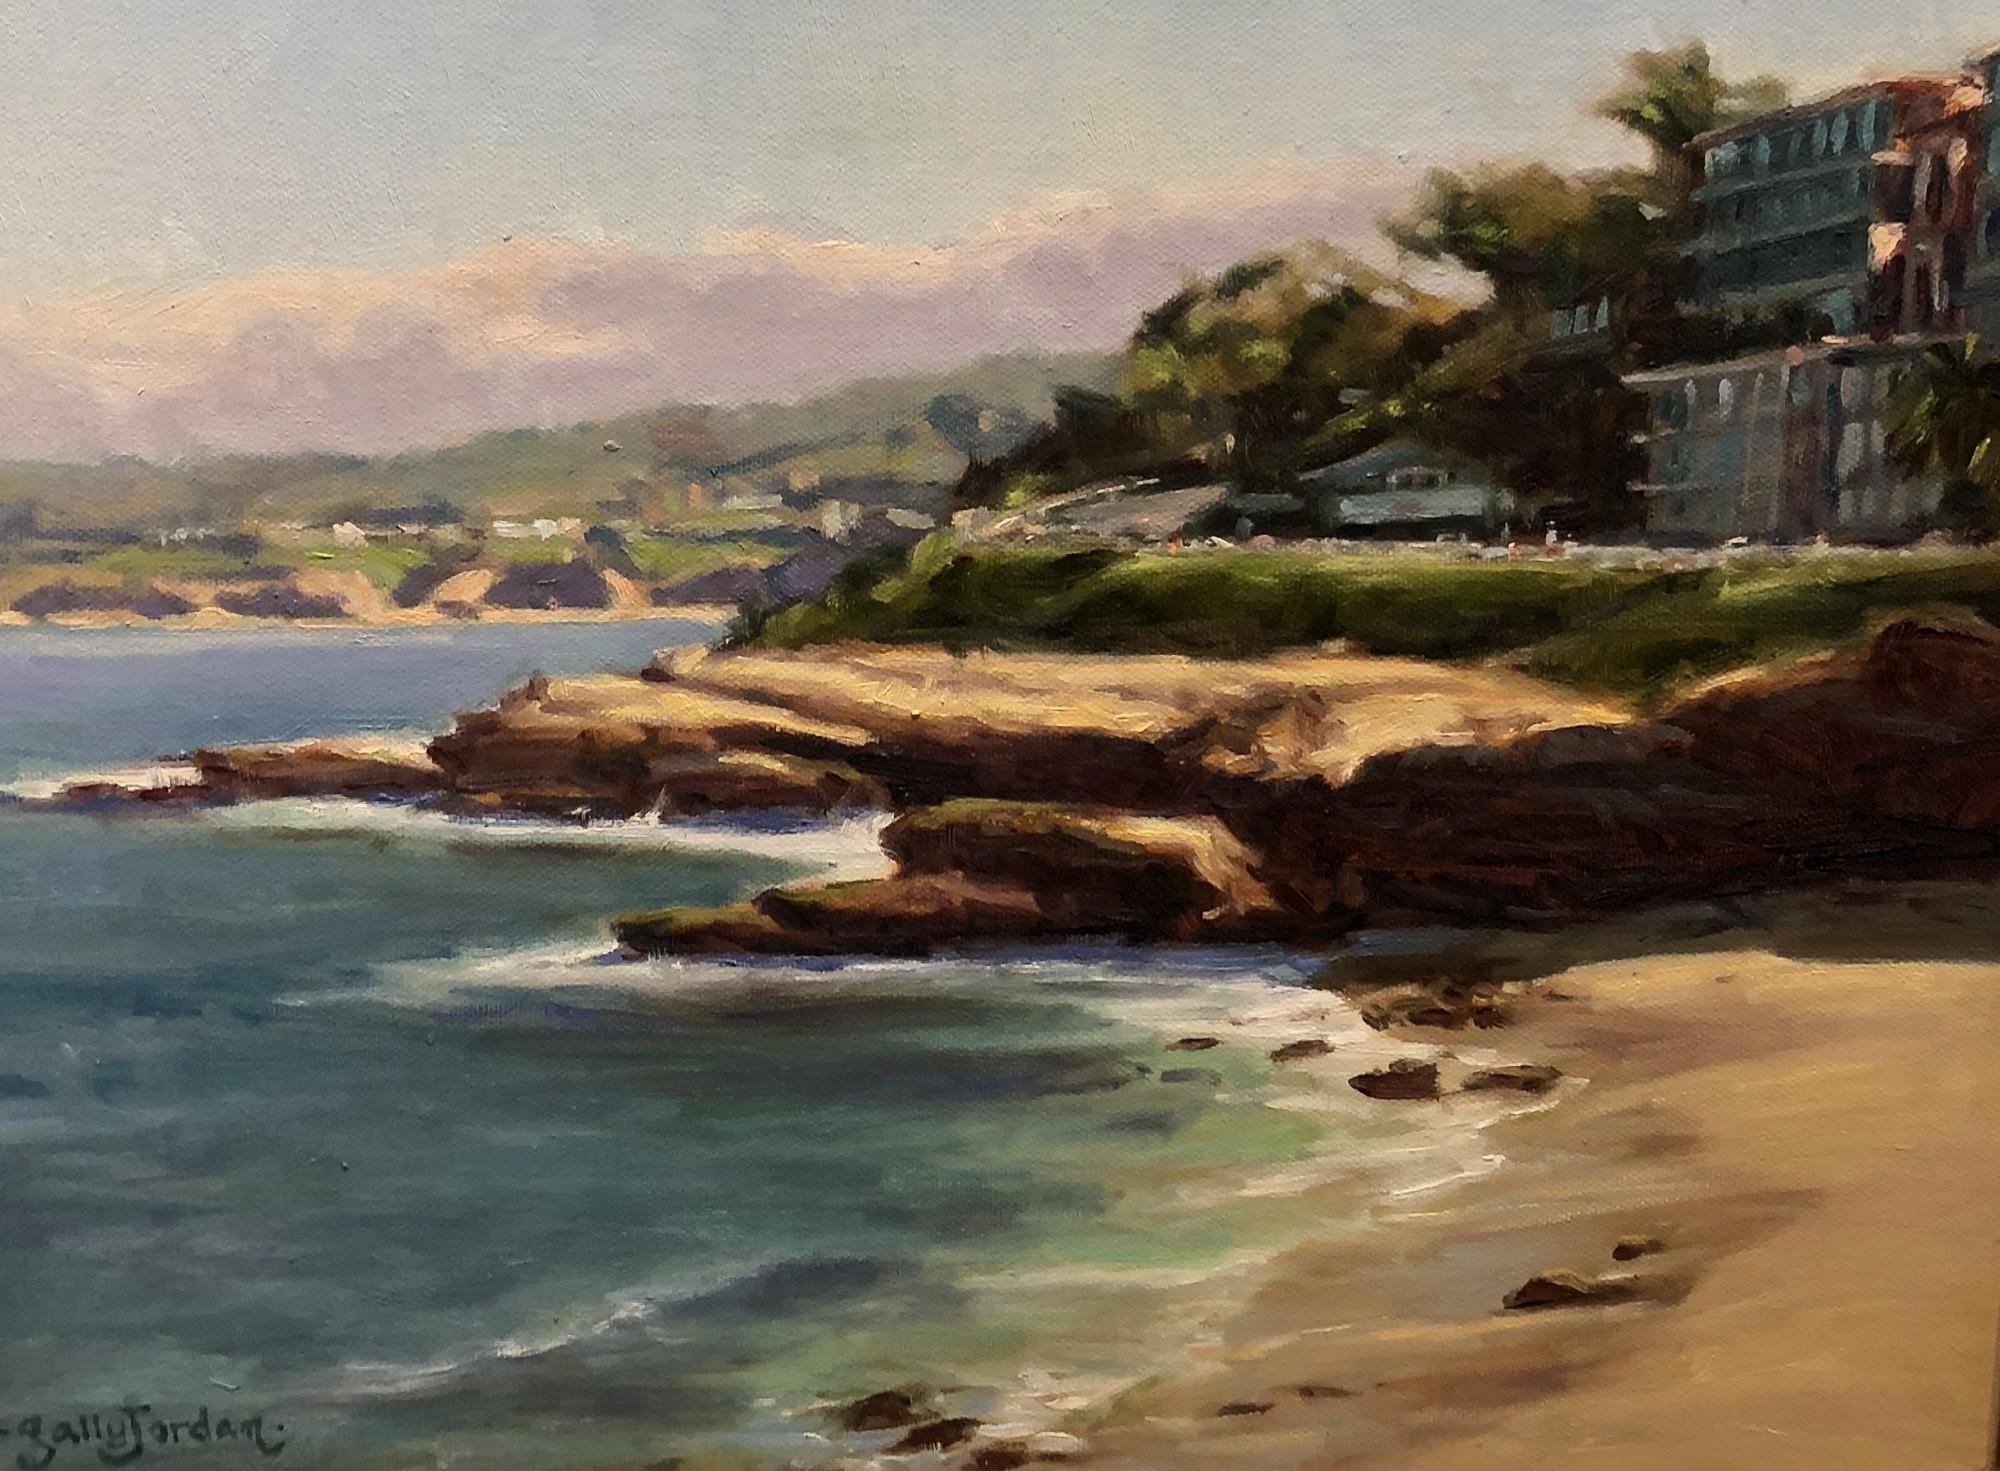 La Jolla Cove Beach by JORDAN